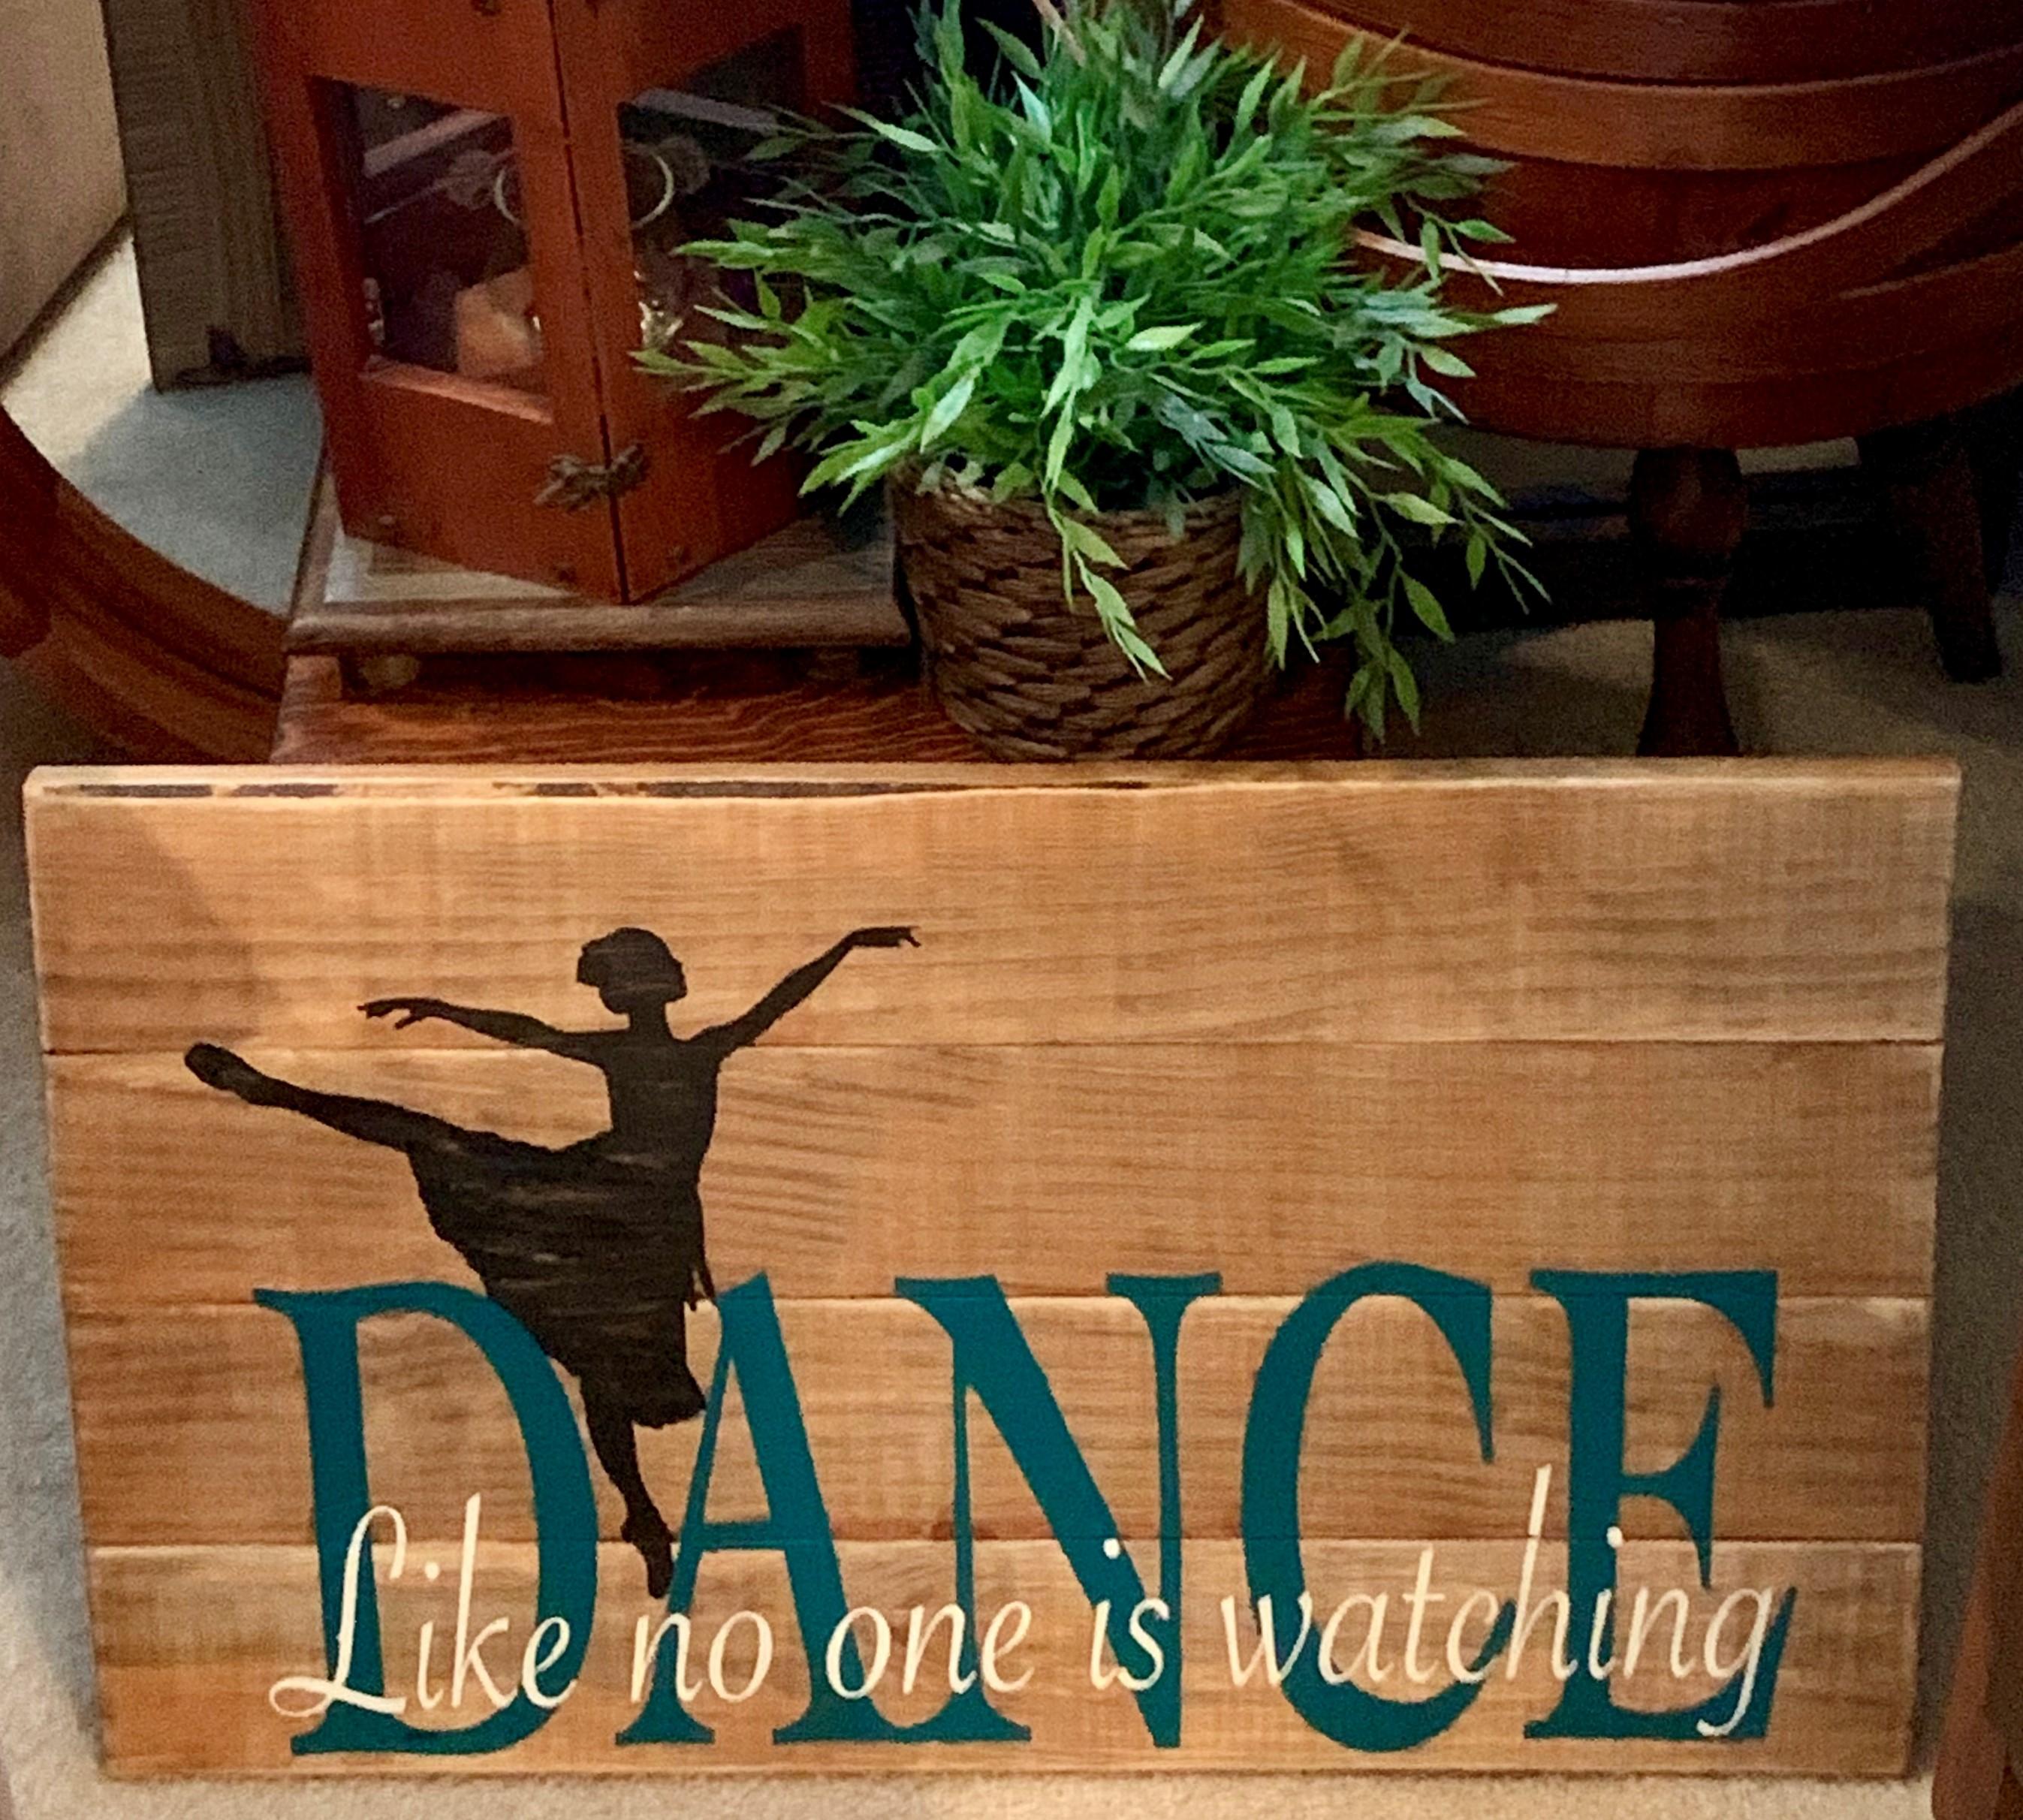 #23 Dance